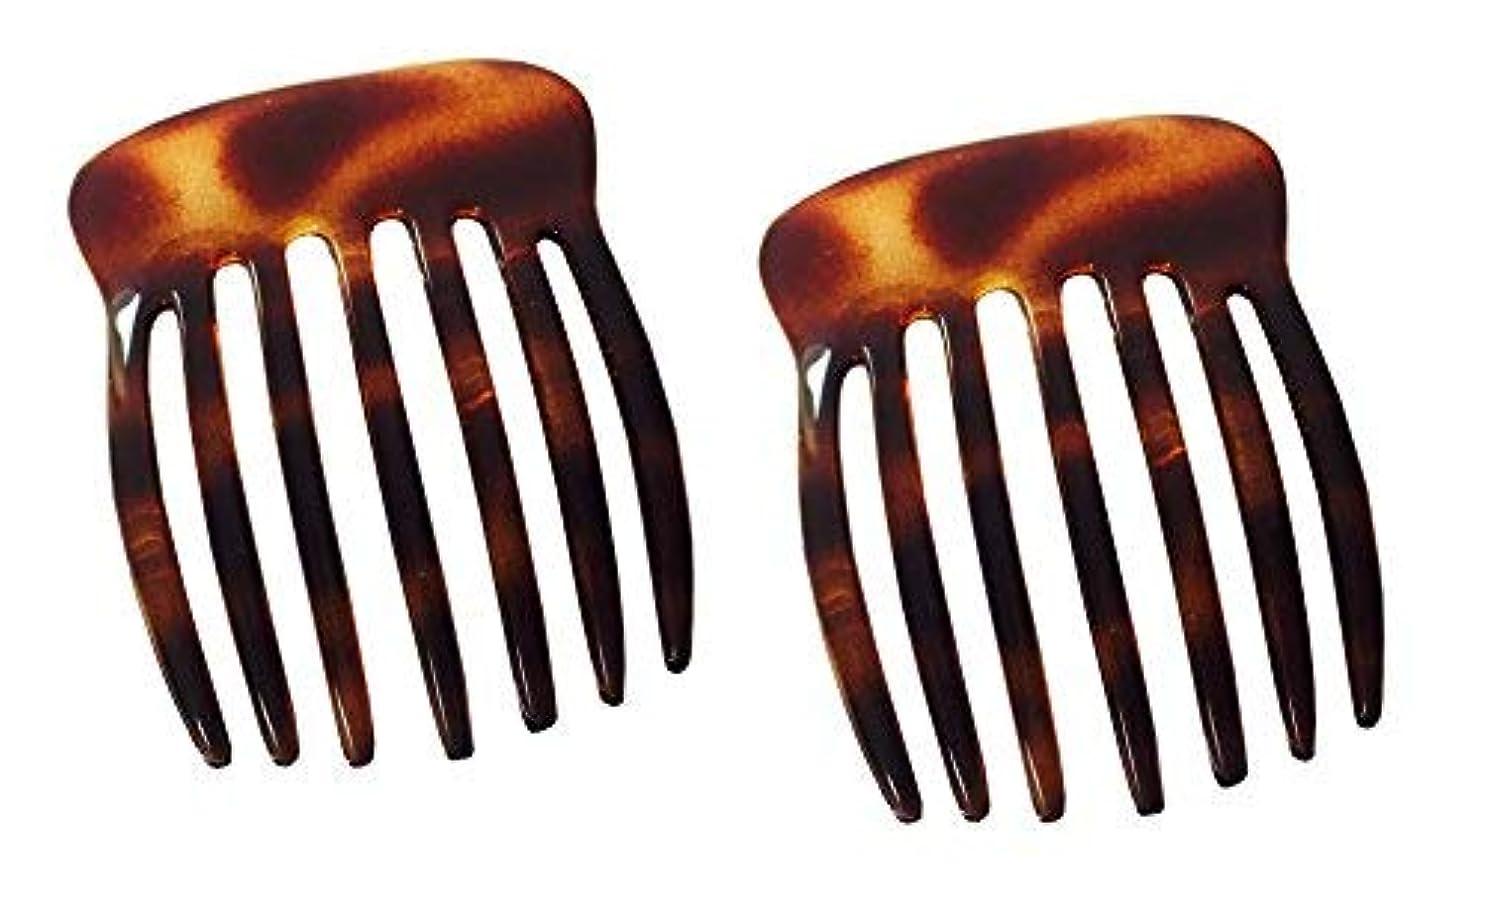 指紋町マスクParcelona French Fingers Seven Teeth Large 2 Pieces Celluloid Acetate Tortoise Shell Hair Side Hair Combs [並行輸入品]